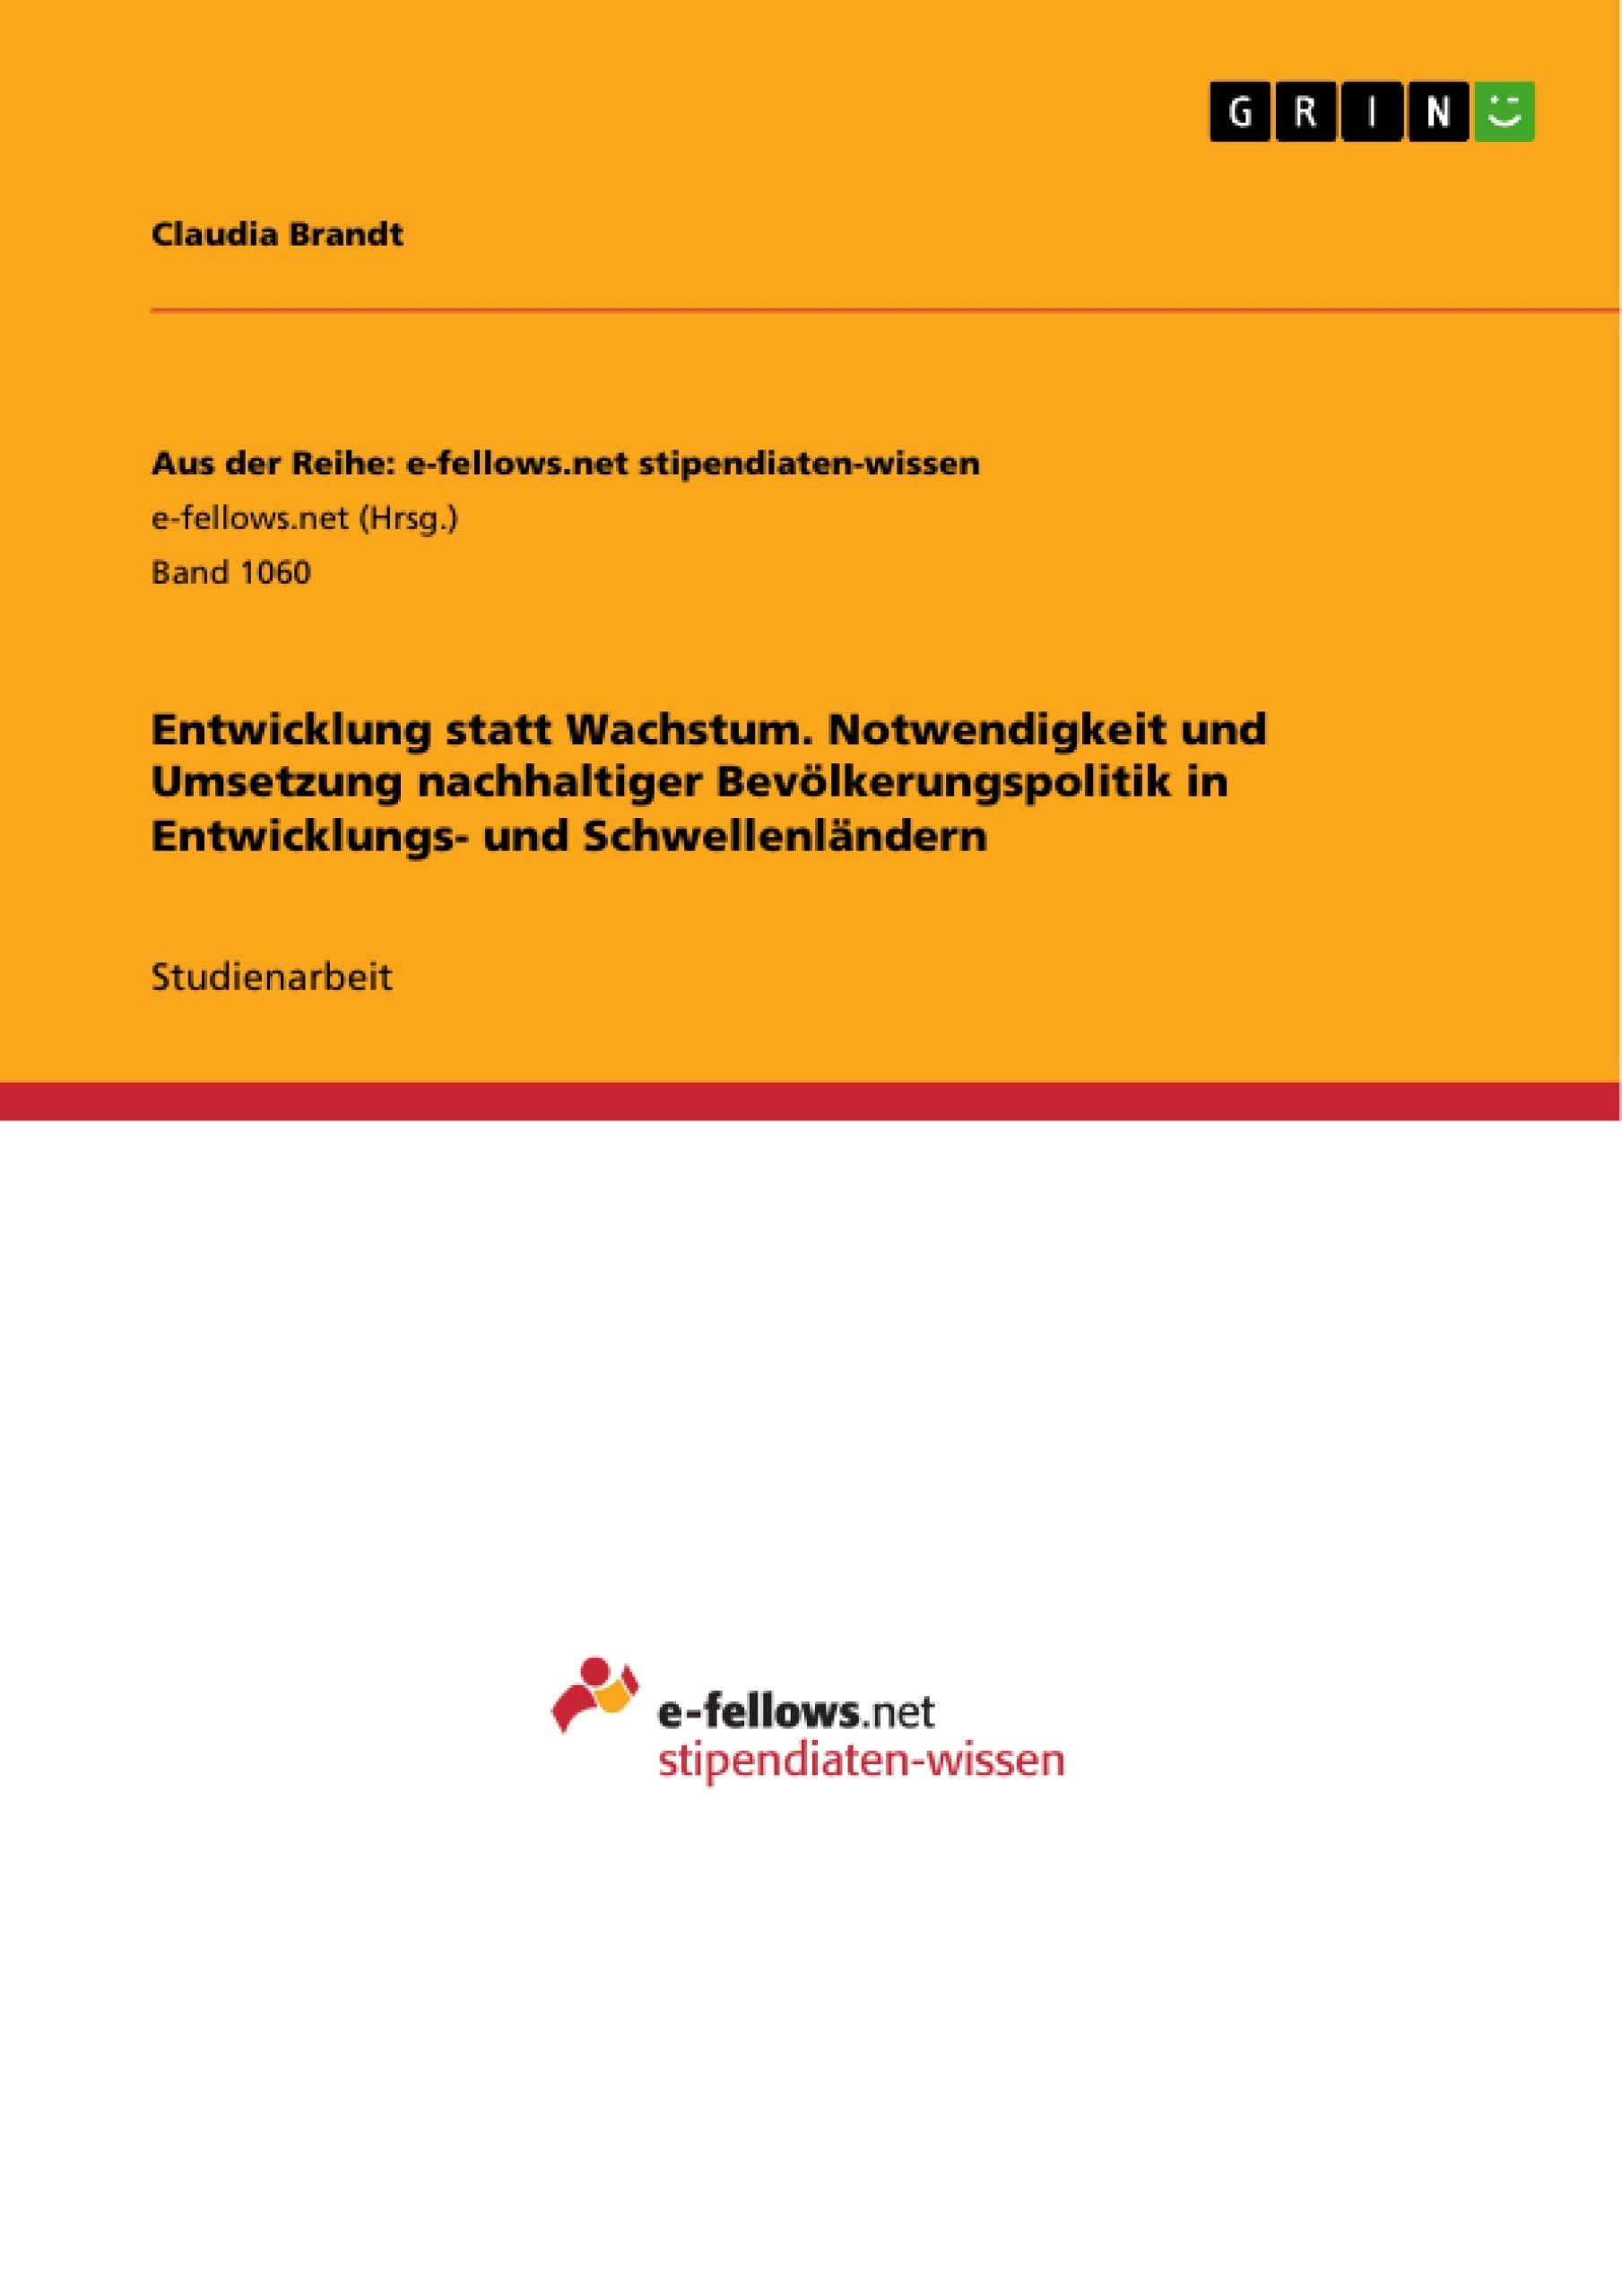 Titel: Entwicklung statt Wachstum. Notwendigkeit und Umsetzung nachhaltiger Bevölkerungspolitik in Entwicklungs- und Schwellenländern